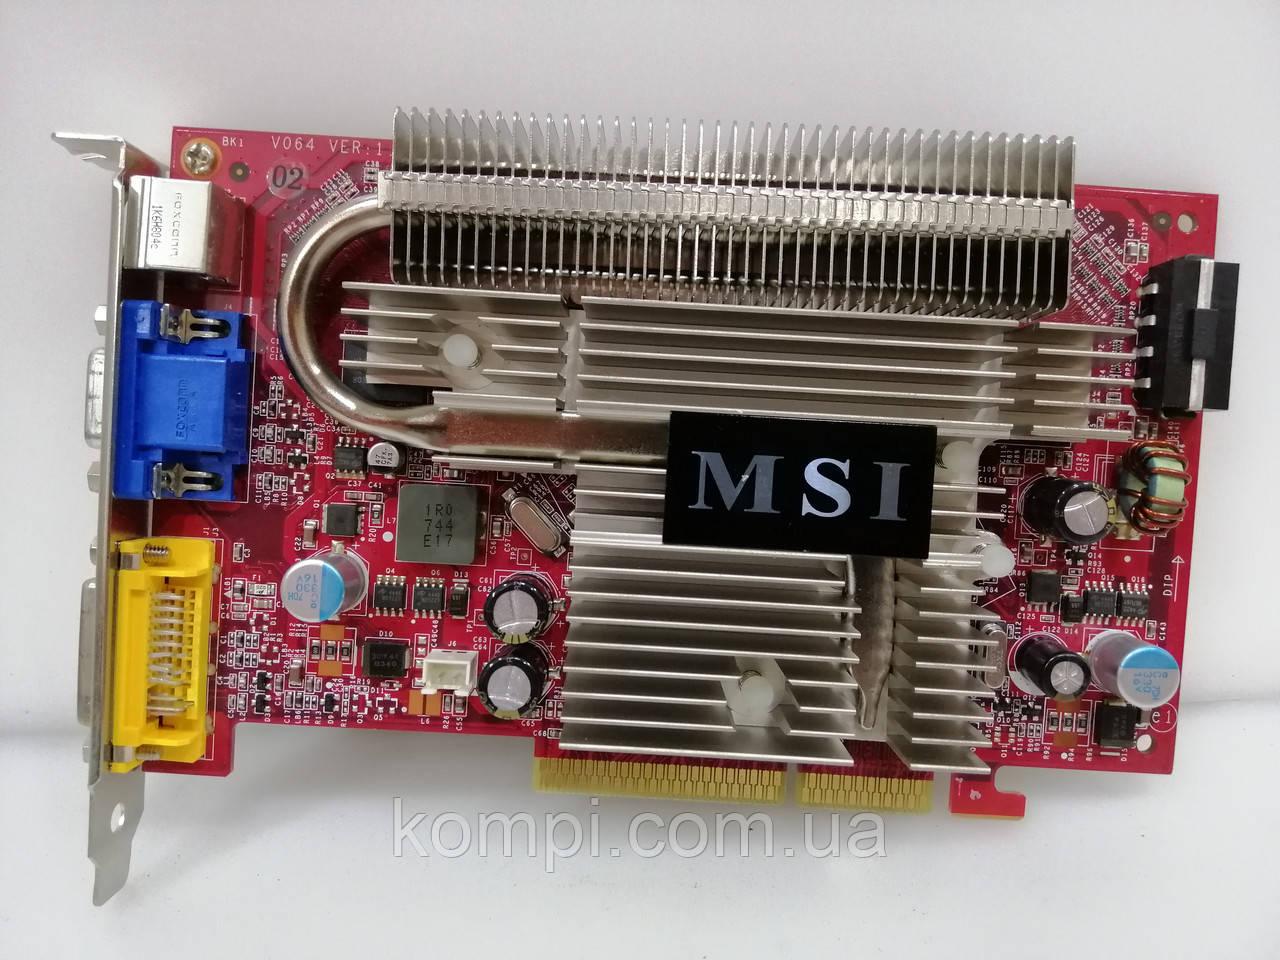 Видеокарта NVIDIA 7600GS 512MB  AGP